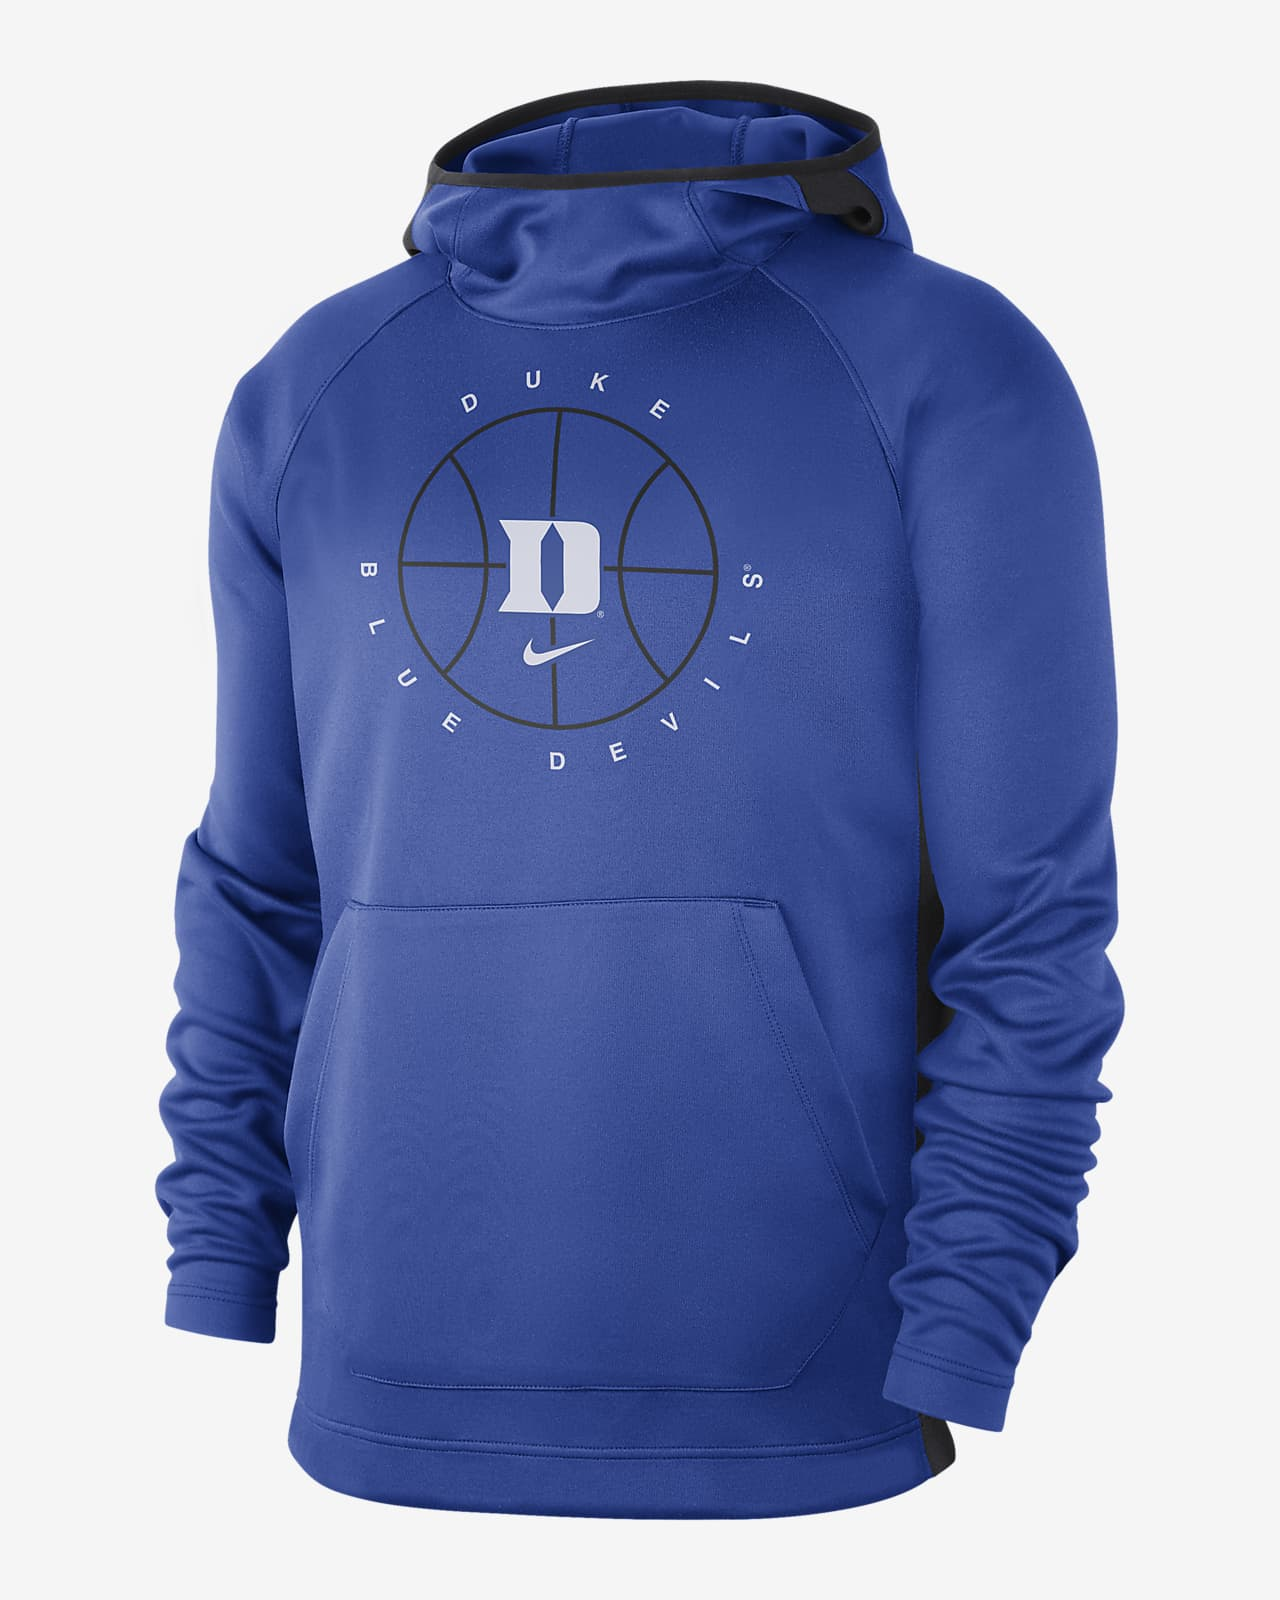 Nike College Spotlight (Duke) Men's Pullover Hoodie